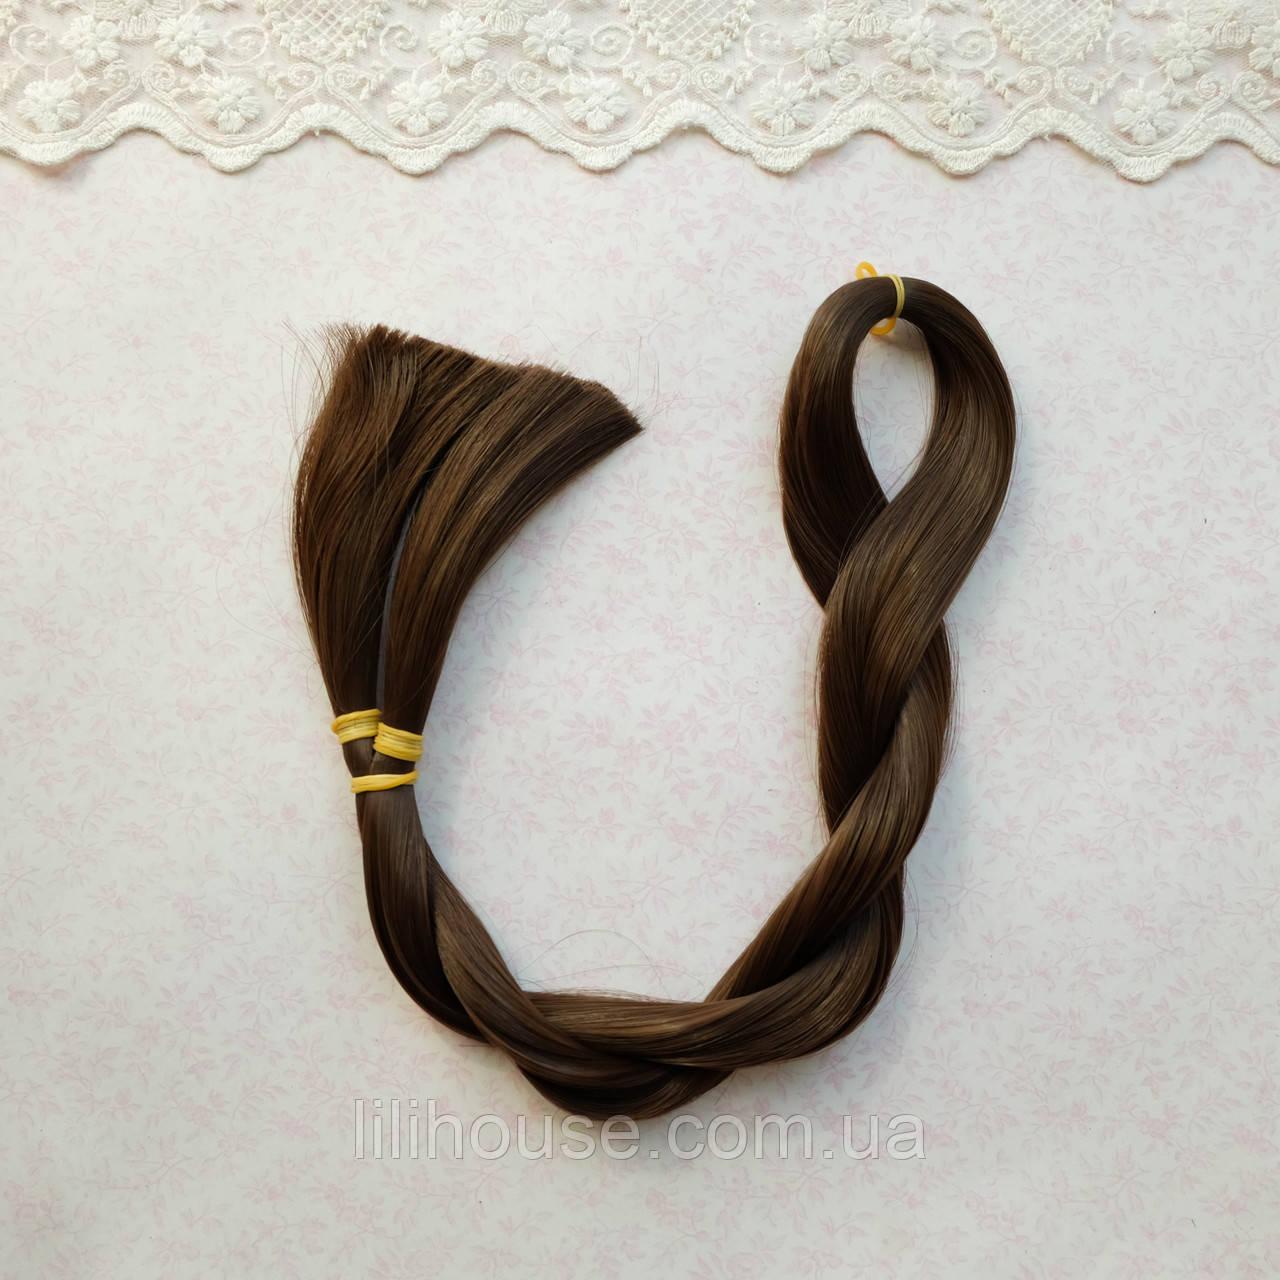 Волосы для Кукол для Перепрошивки 80 см КАШТАН 50 гр